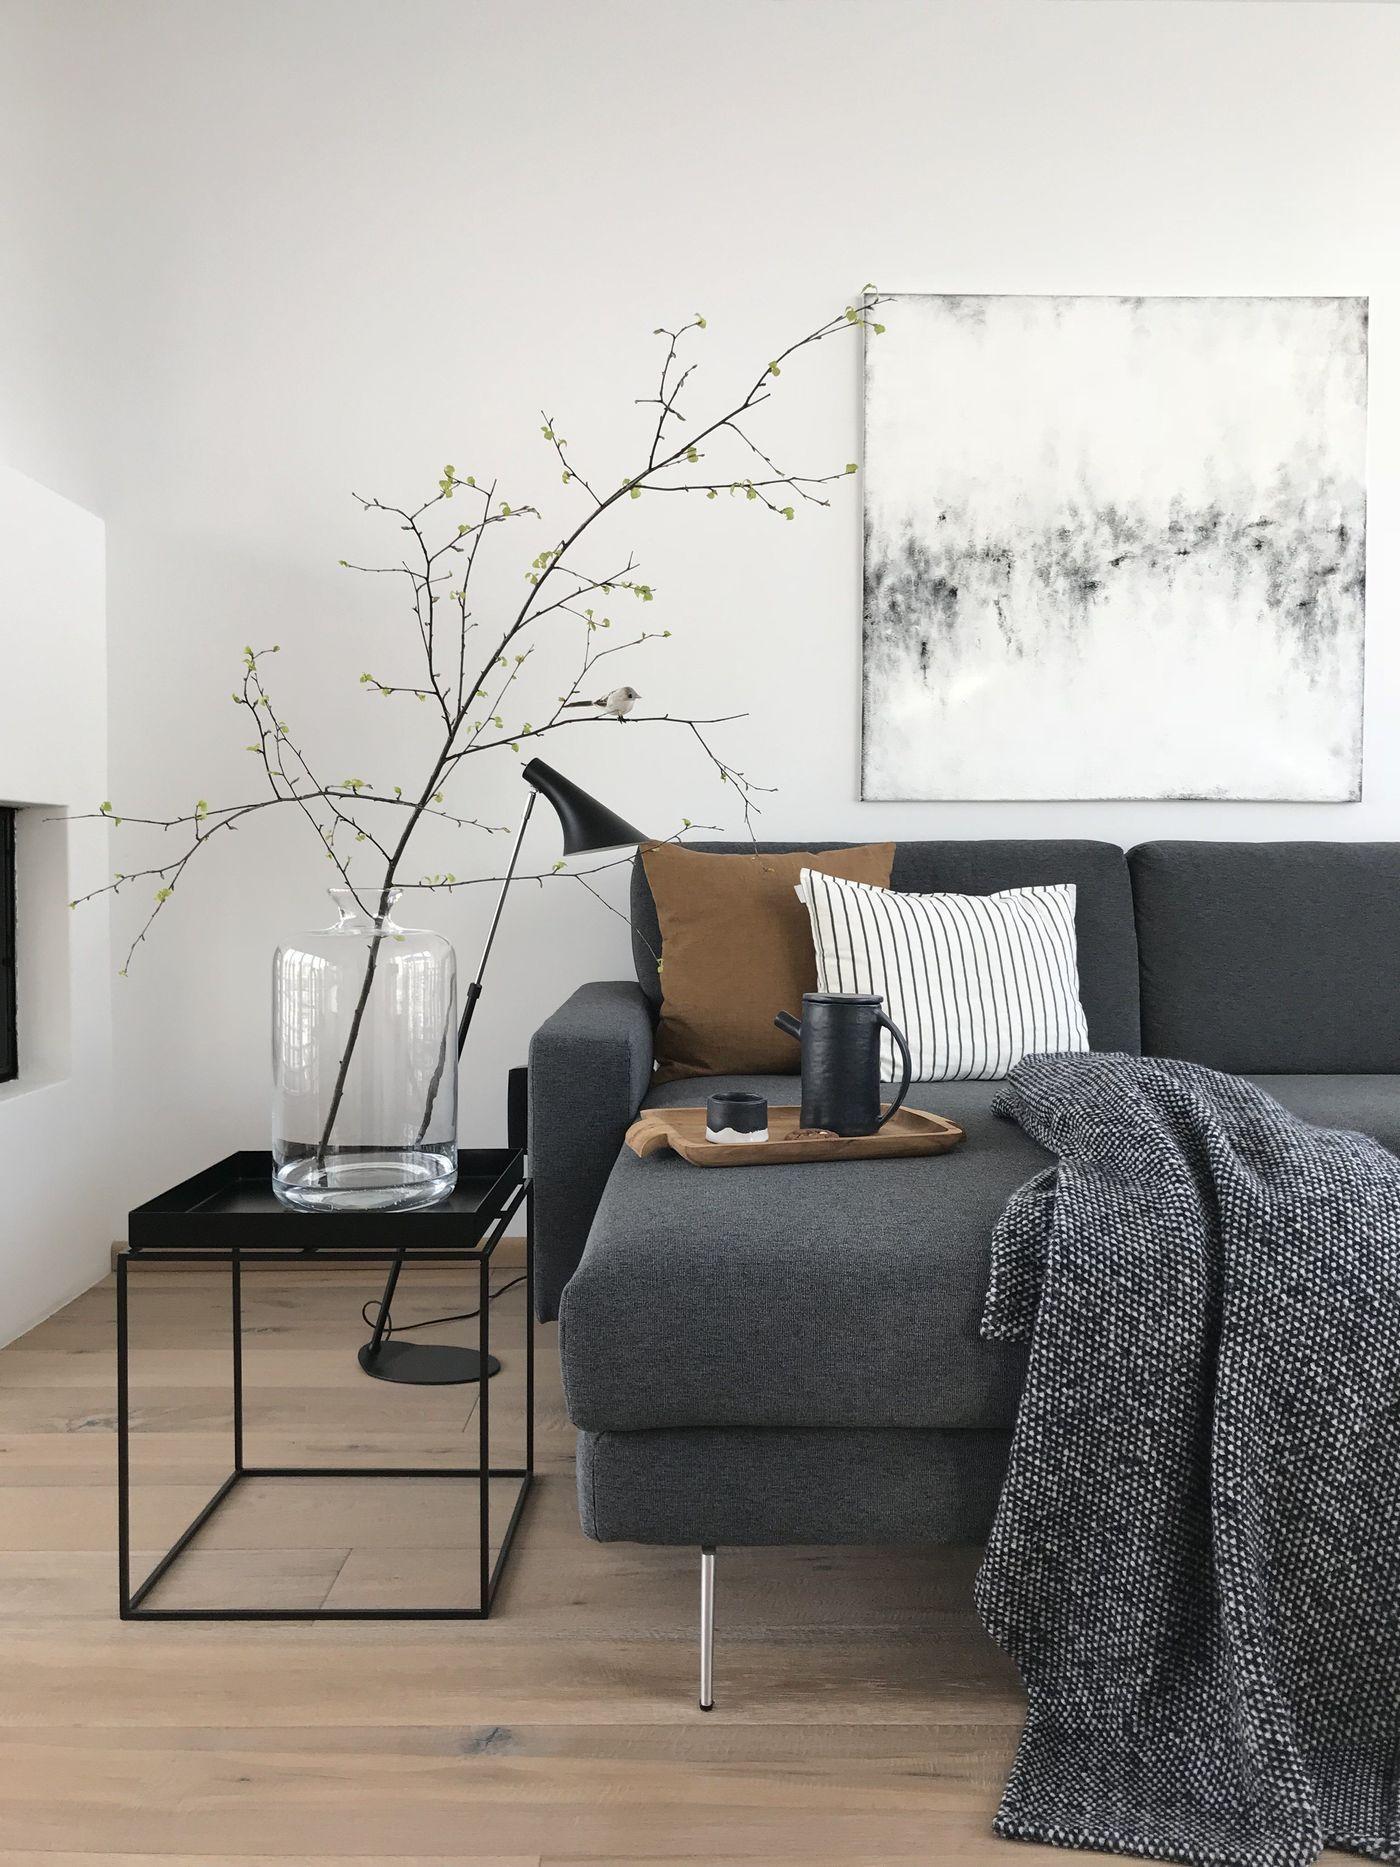 Diy Ideen Wohnen Diy Ideen Furs Wohnen Bilder Wohnung Selber